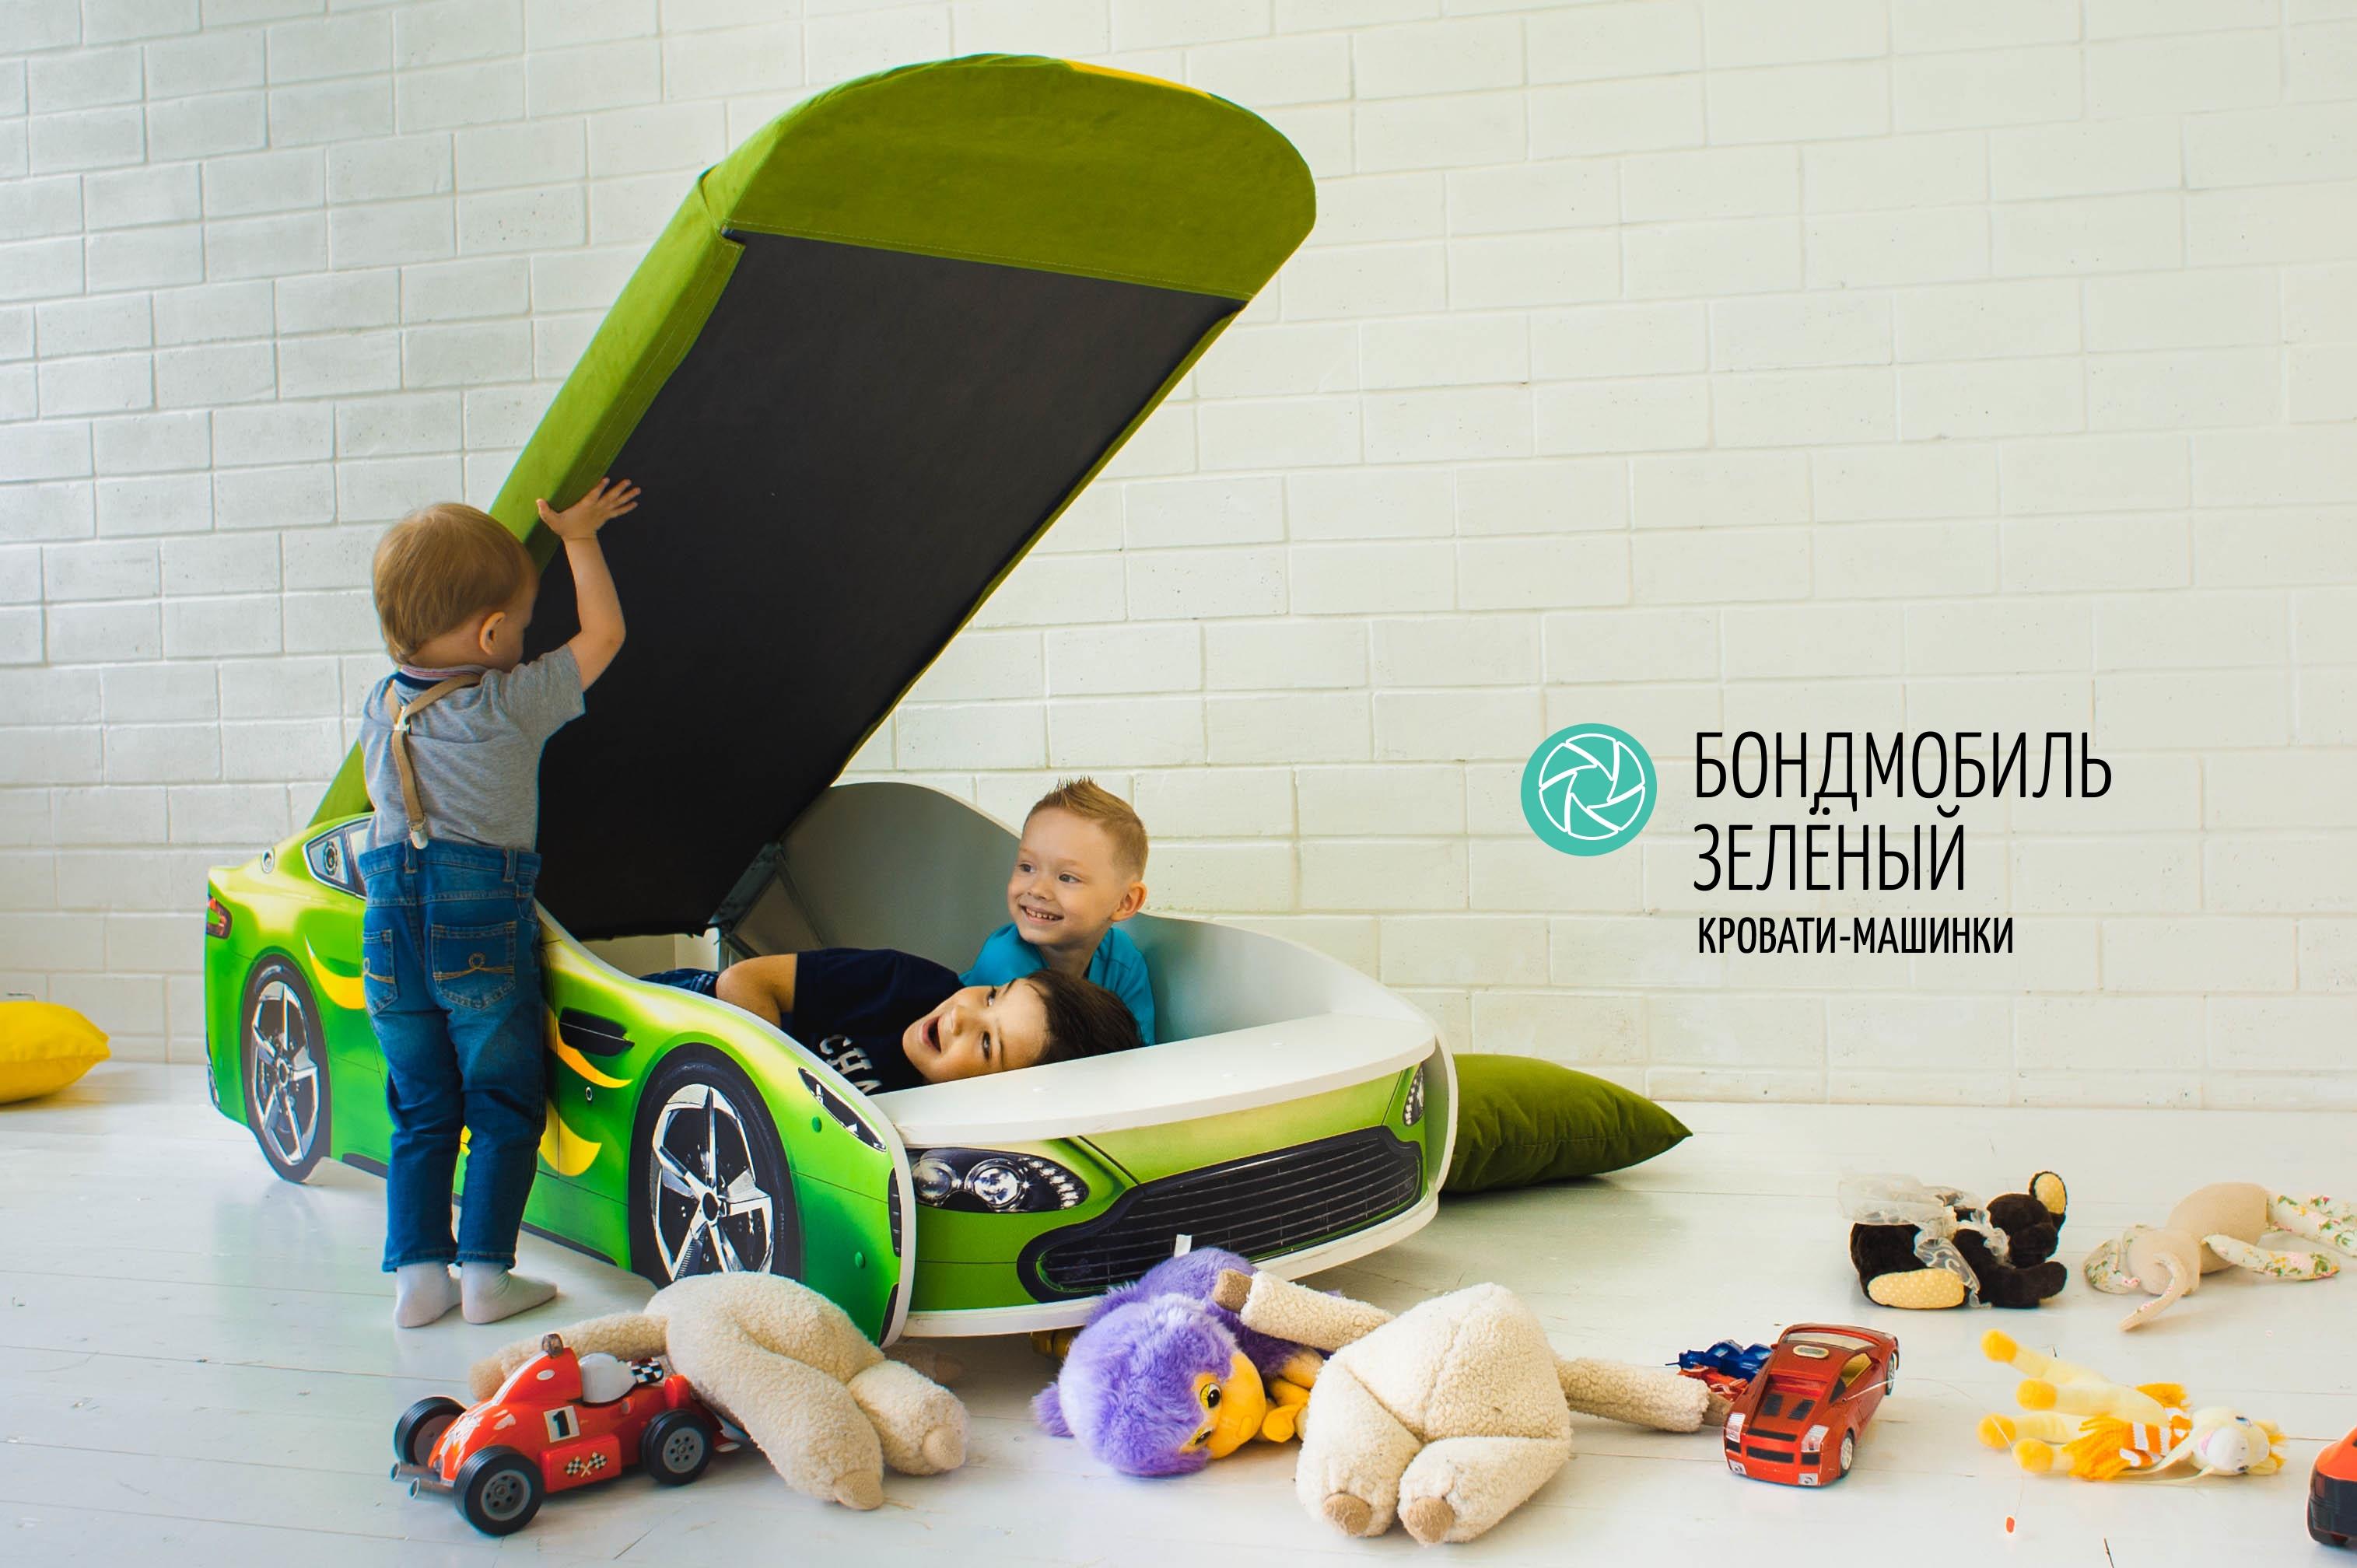 Детская кровать-машина зеленый -Бондмобиль-9